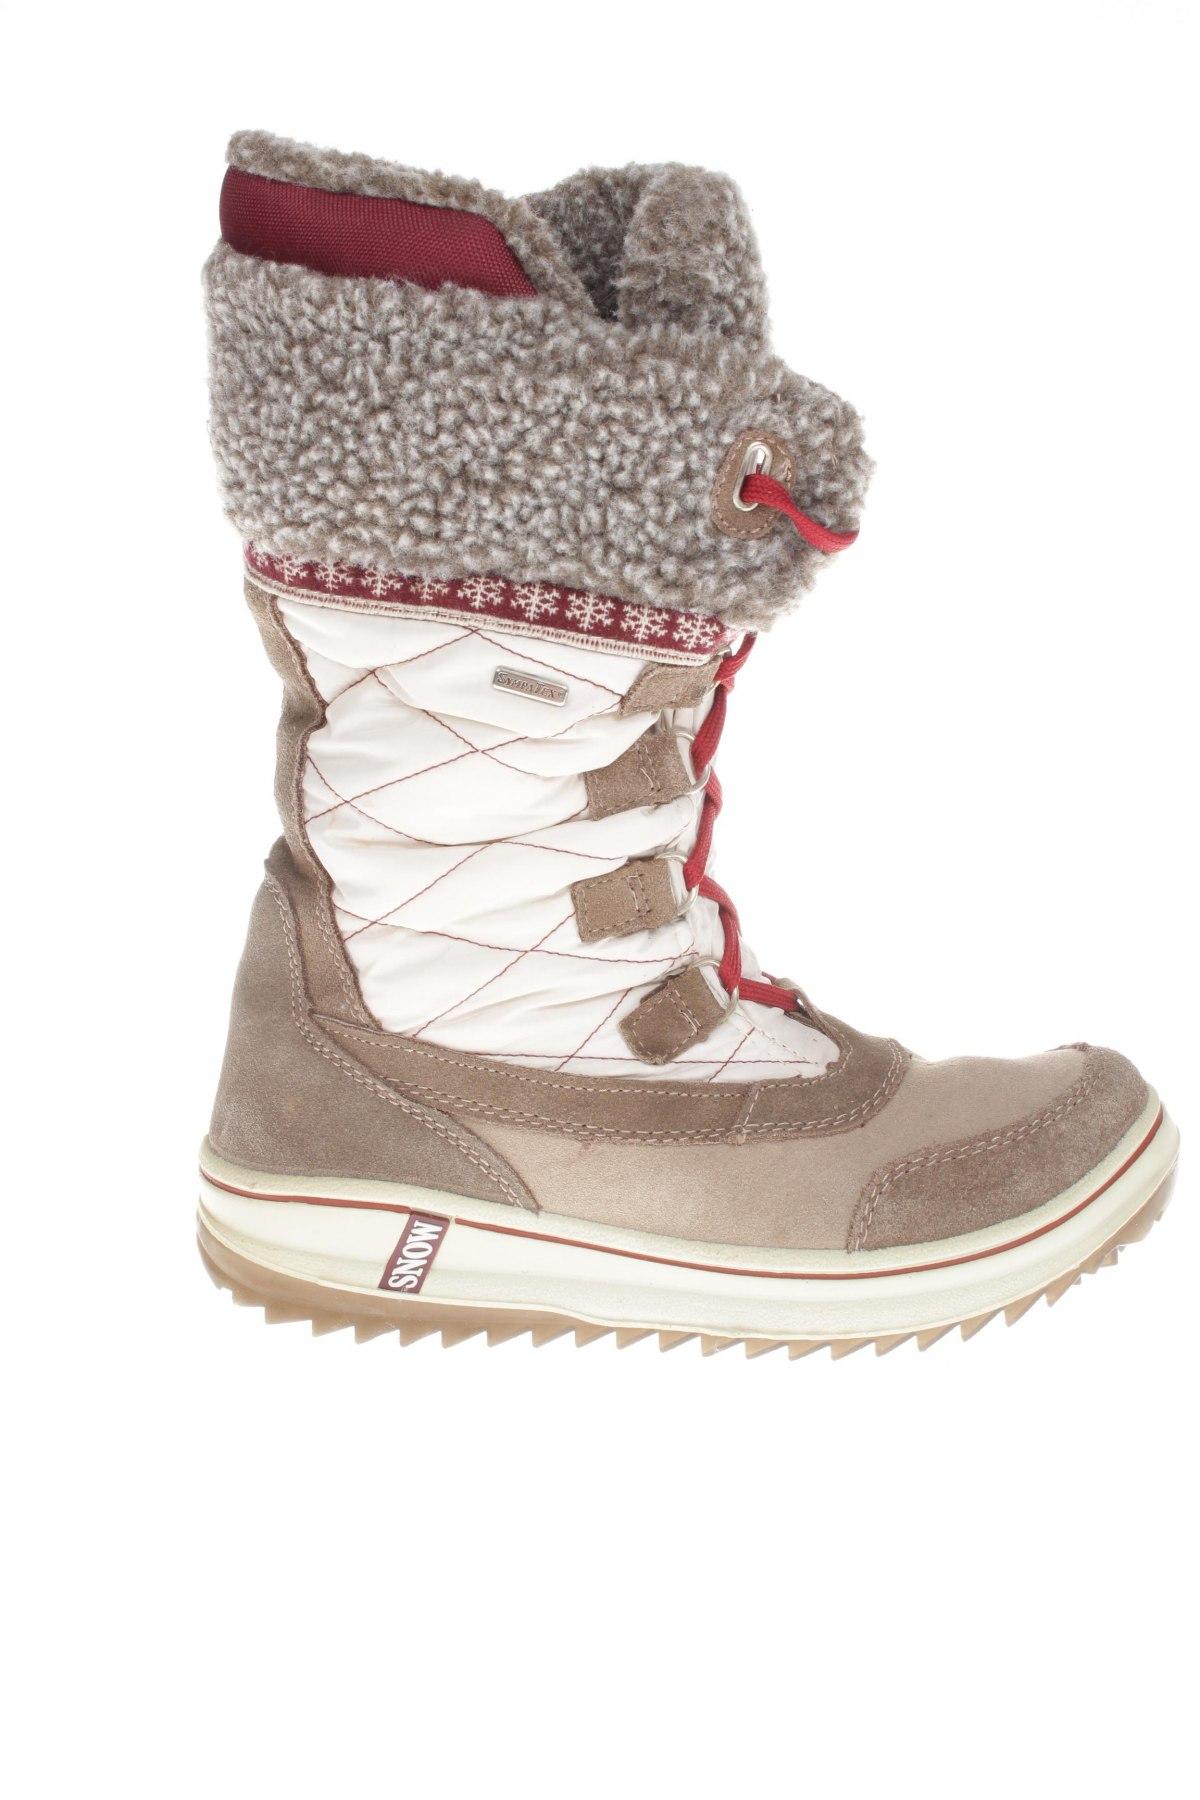 Dámske topánky Everest - za výhodnú cenu na Remix -  7500652 4f9fc2934e3